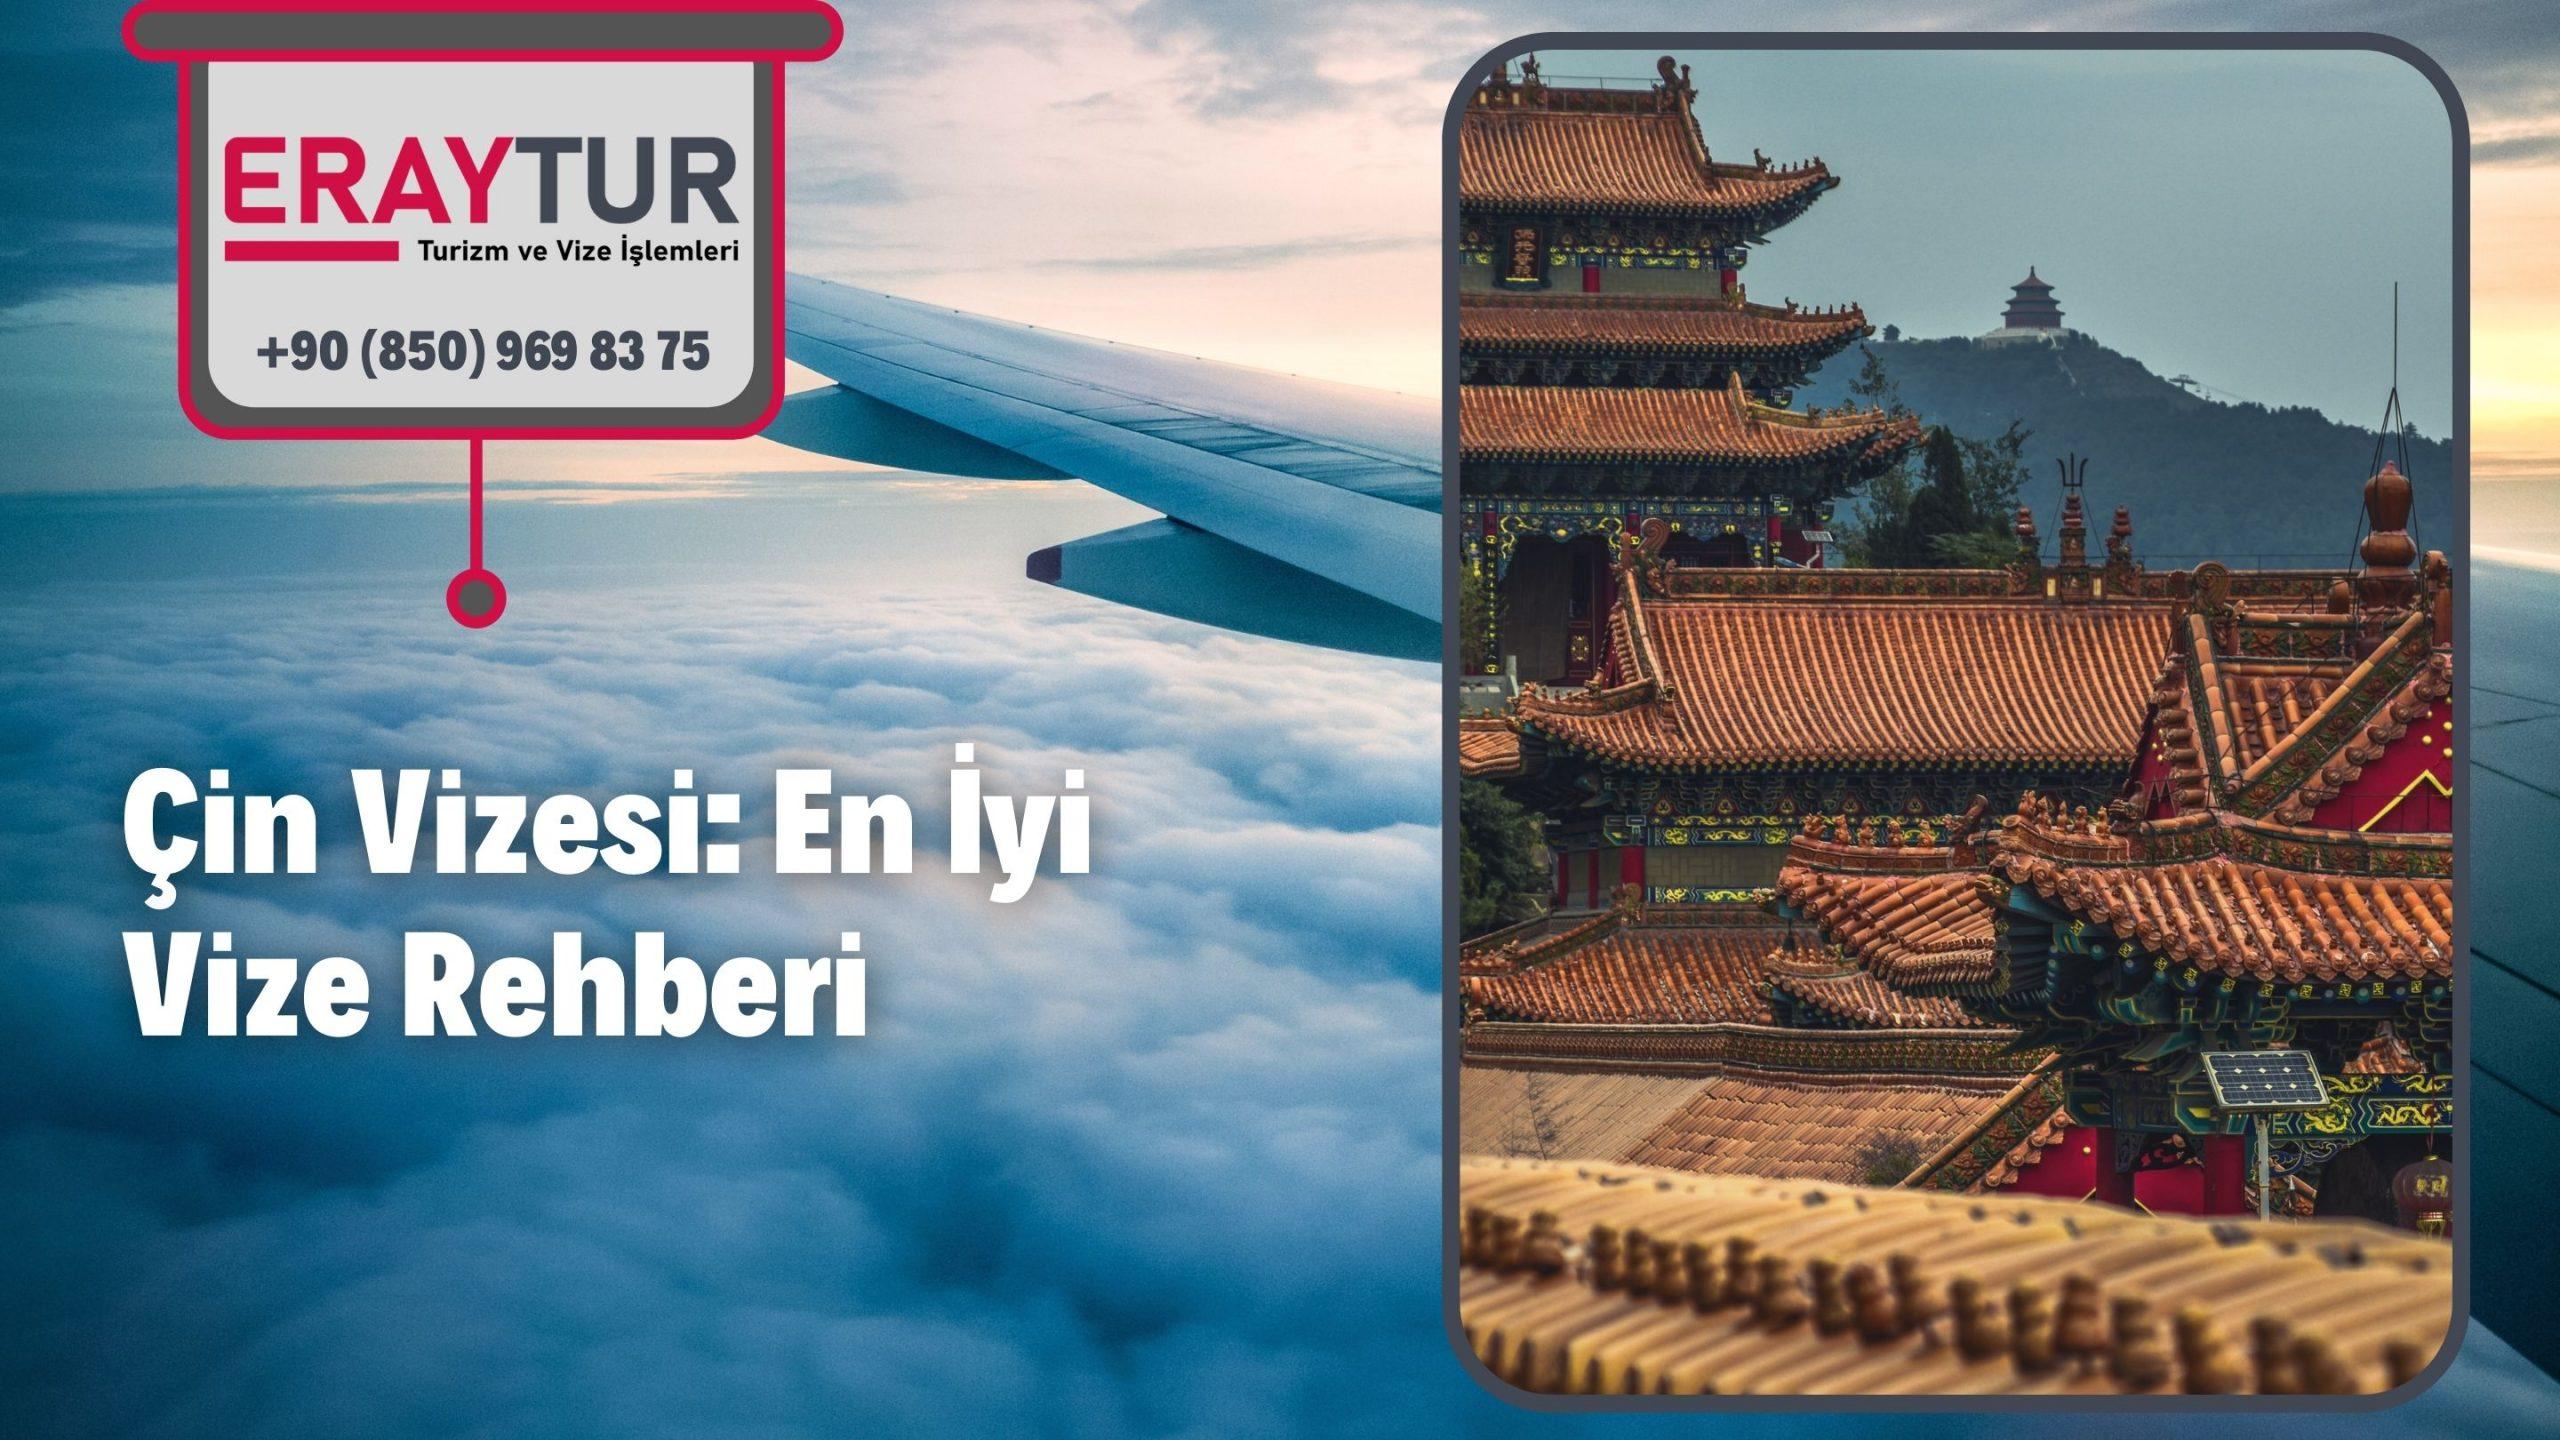 Çin Vizesi: En İyi Vize Rehberi 2021